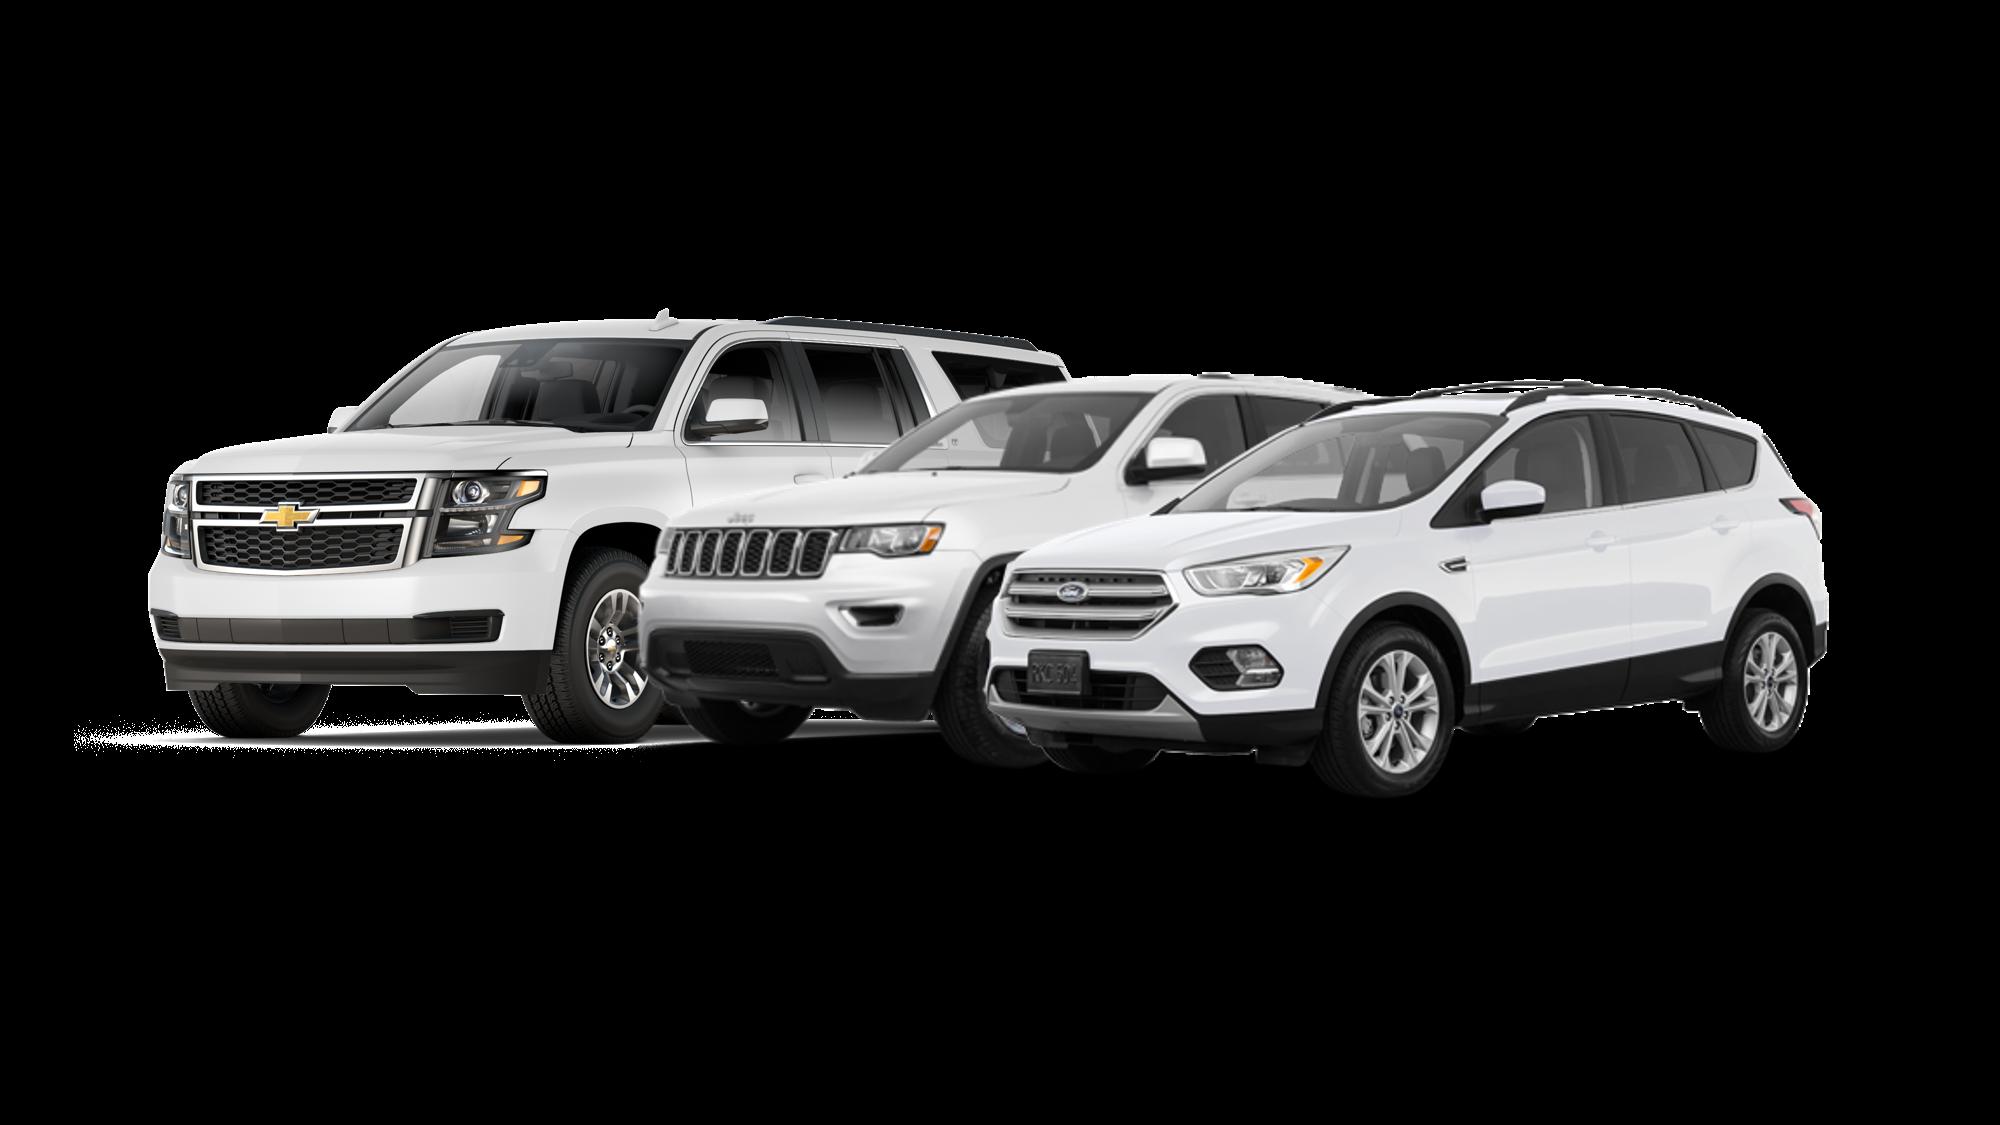 SUV Rentals - Latium